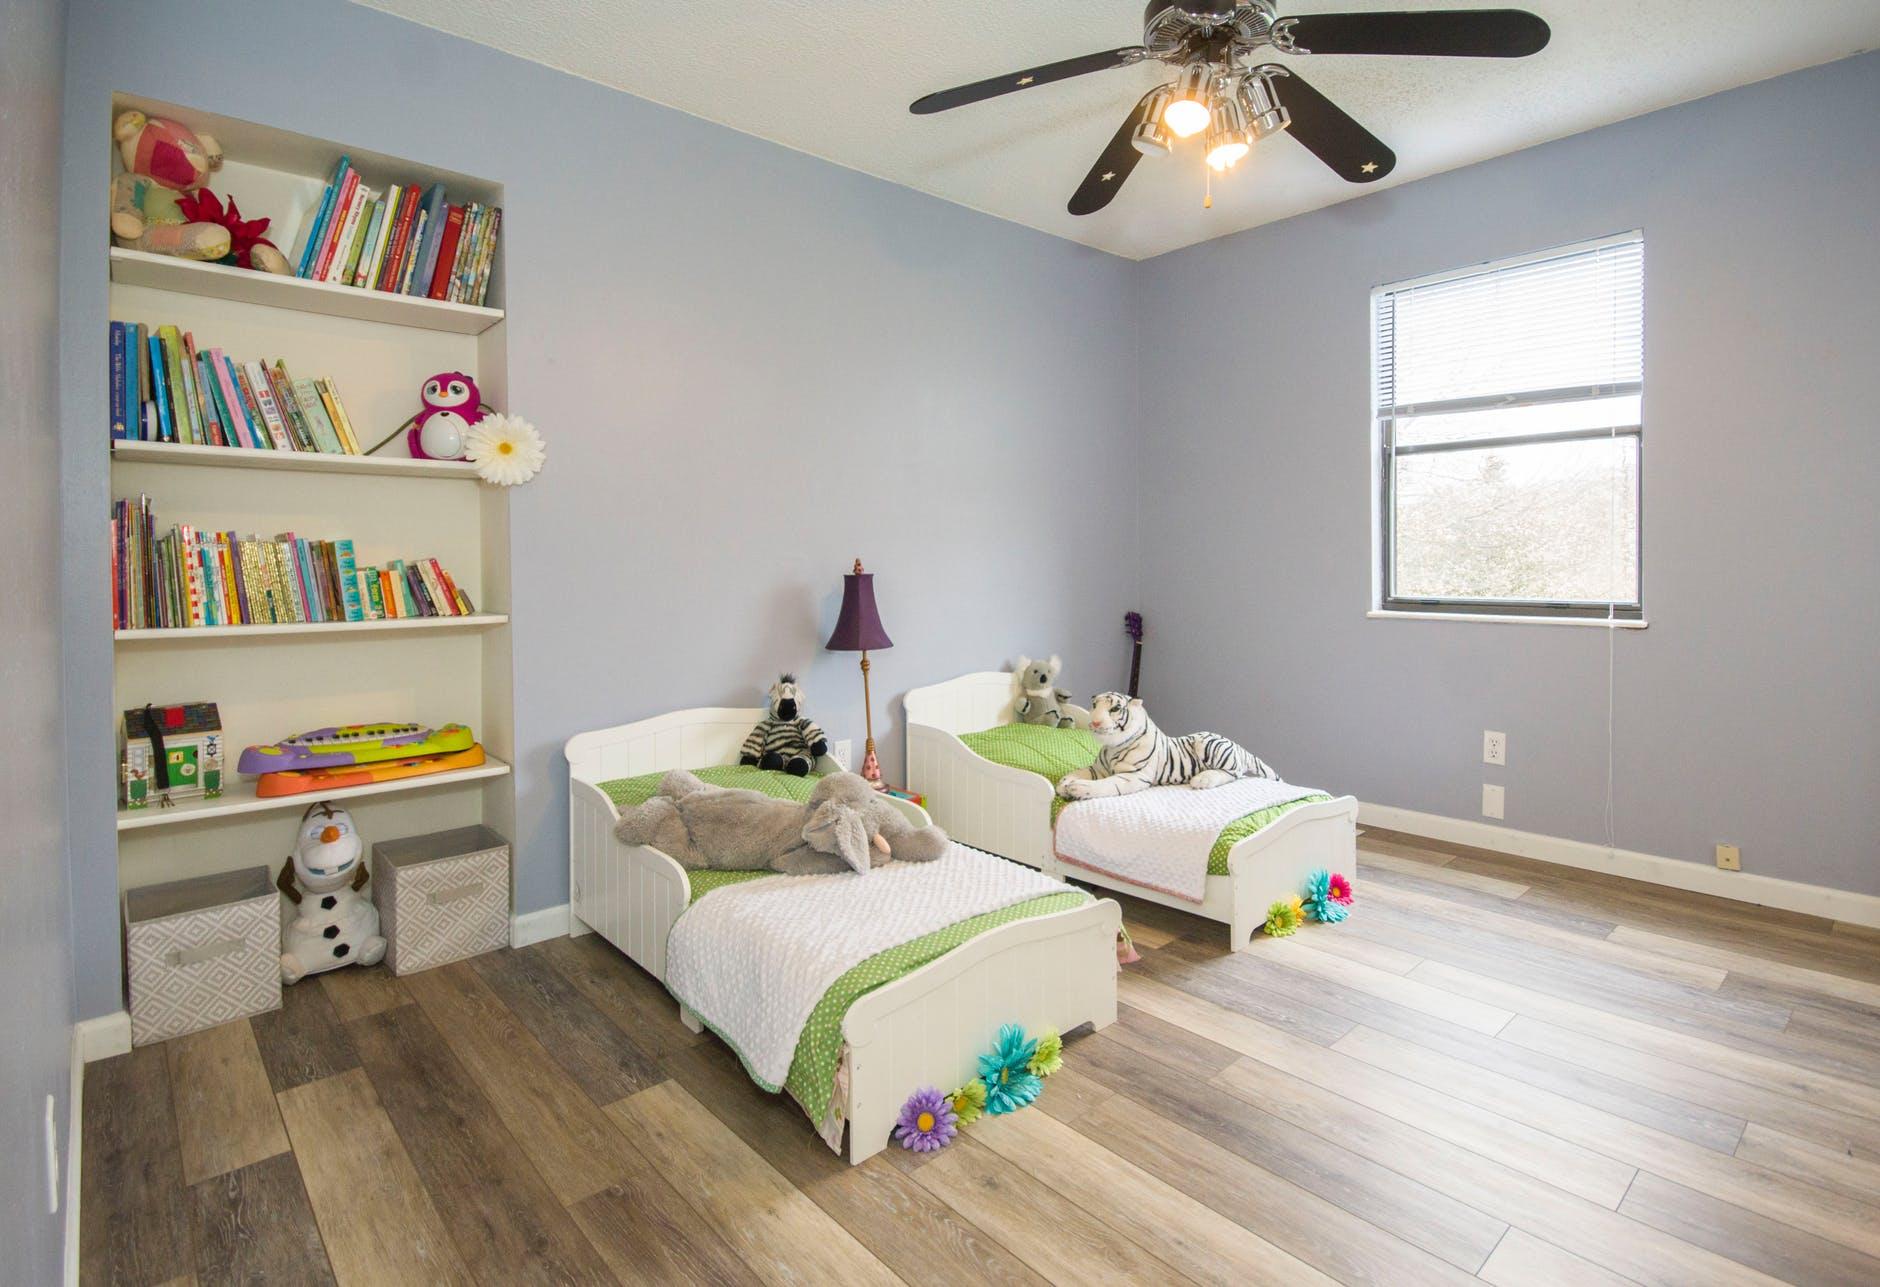 טיפים לעיצוב חדר ילדים מושלם